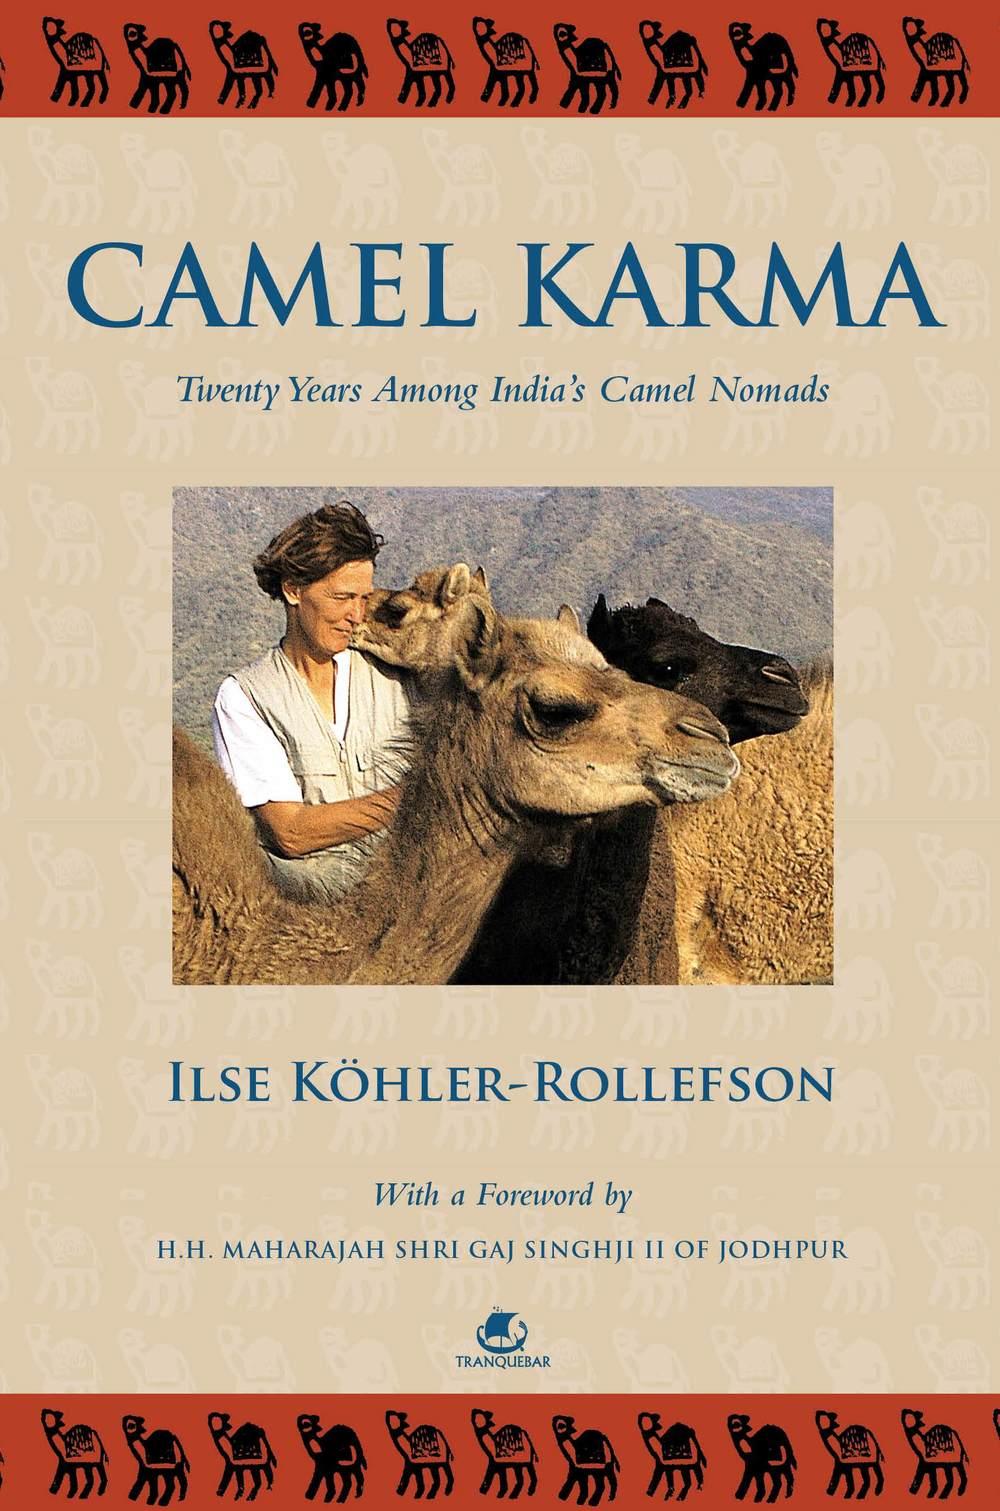 Camel karma cover